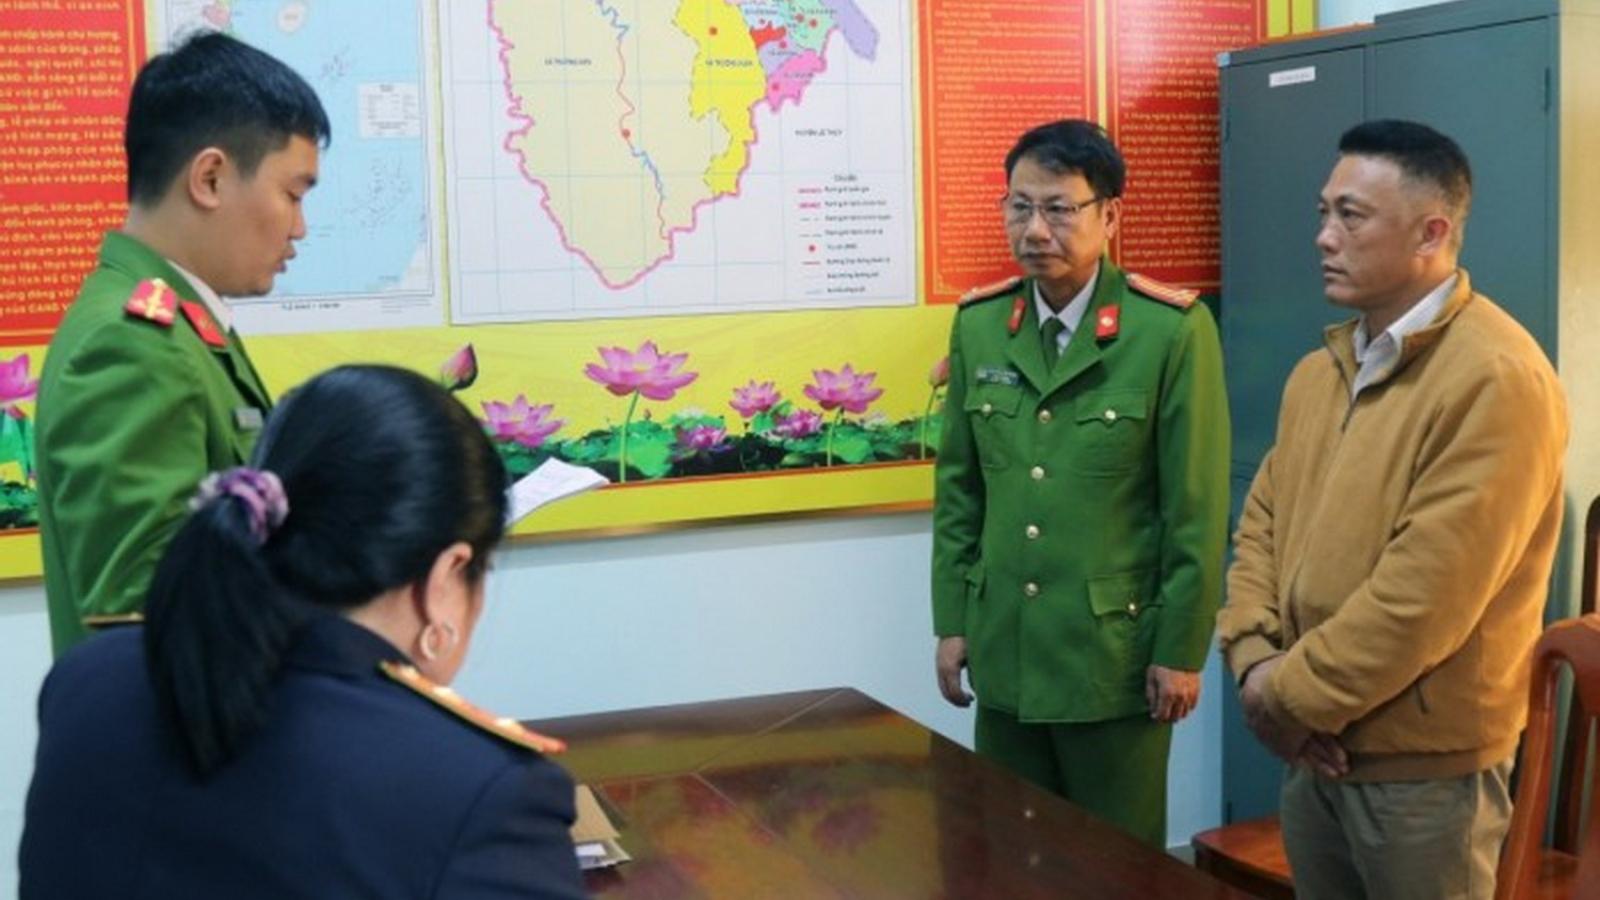 Khởi tố Trạm trưởng Trạm Quản lý bảo vệ rừng vì để mất rừng tại Quảng Bình